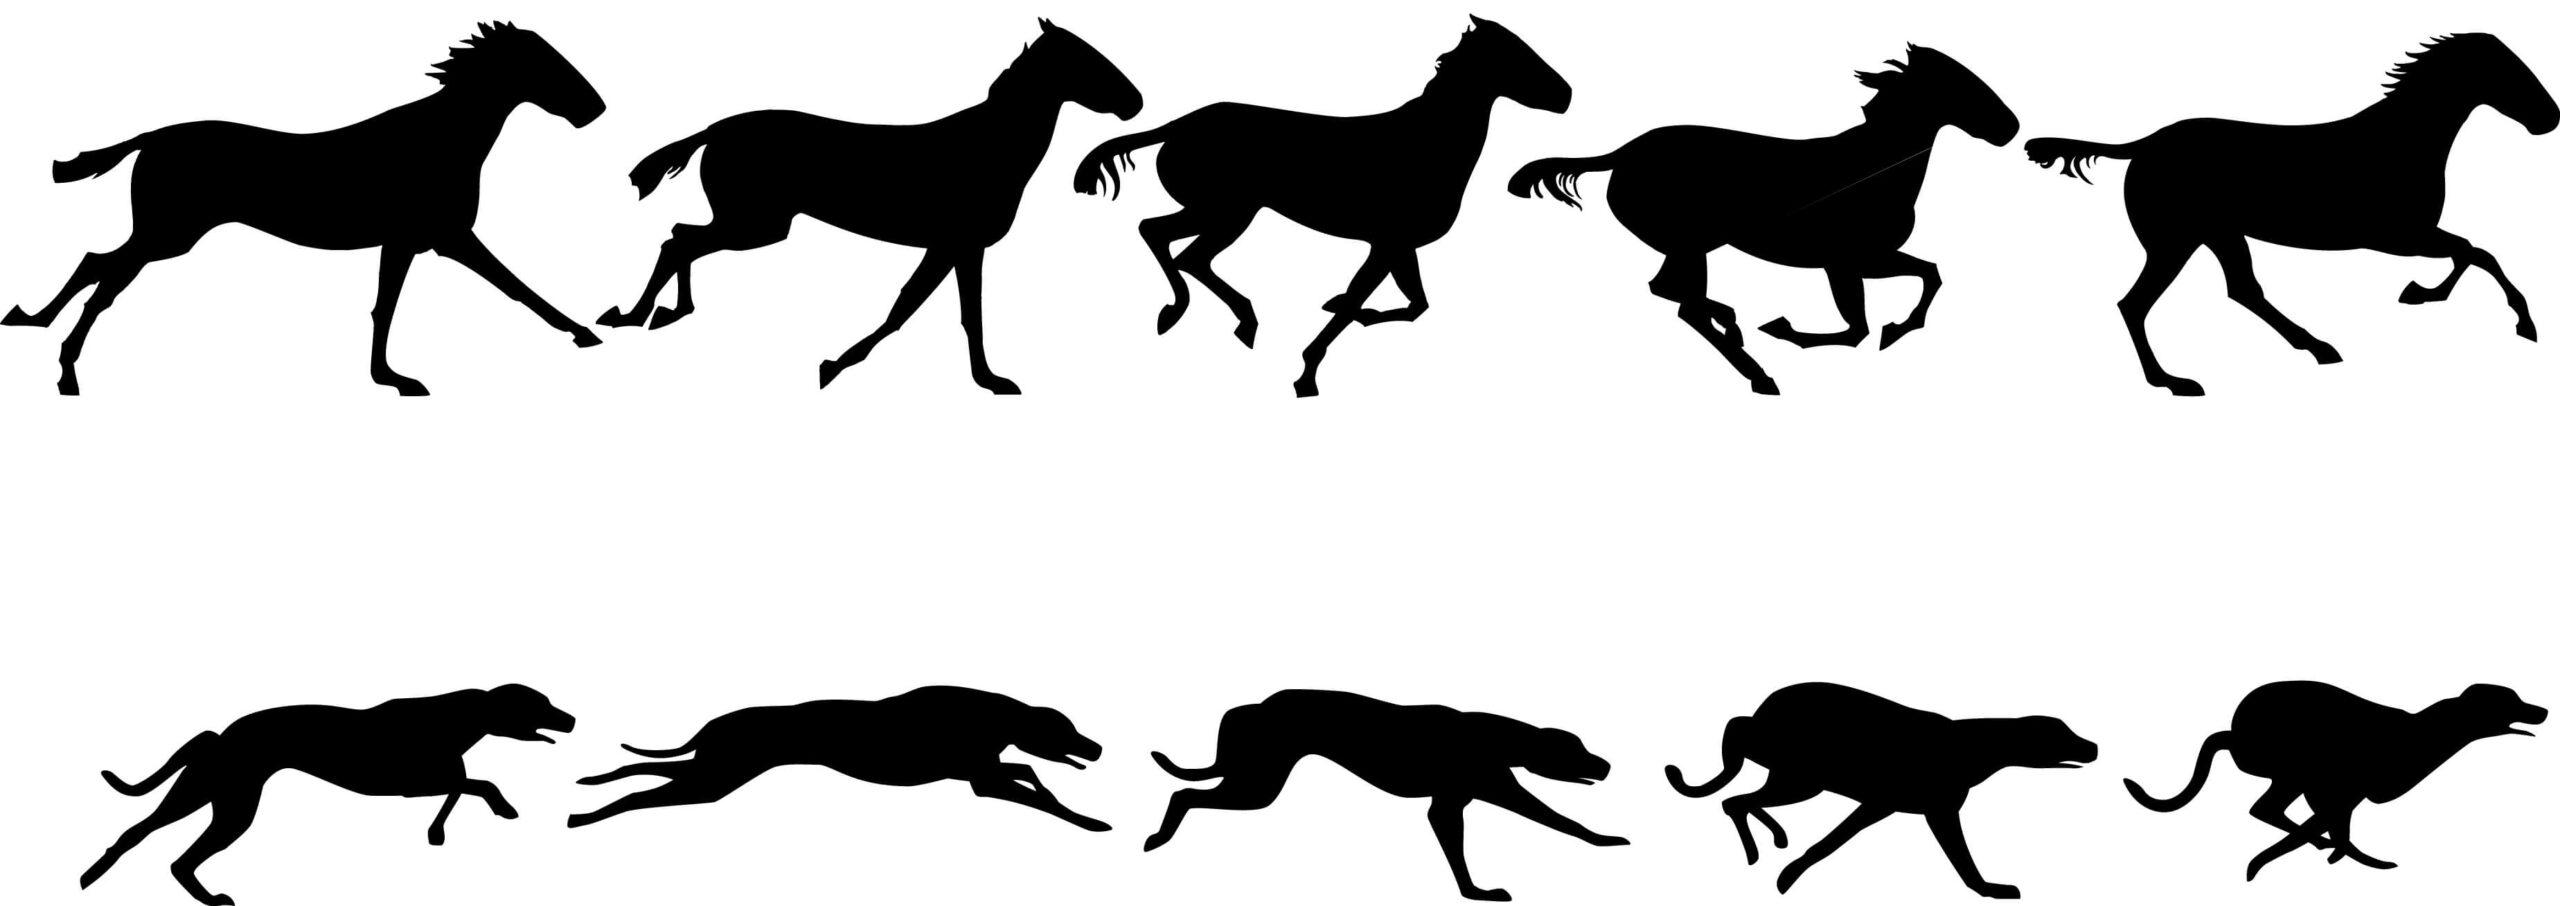 Her ses hestens gallop sammenlignet med hundens. Hesten er mere kompakt og har mindre bevægelse i ryggen i forhold til hunden under alle faser.